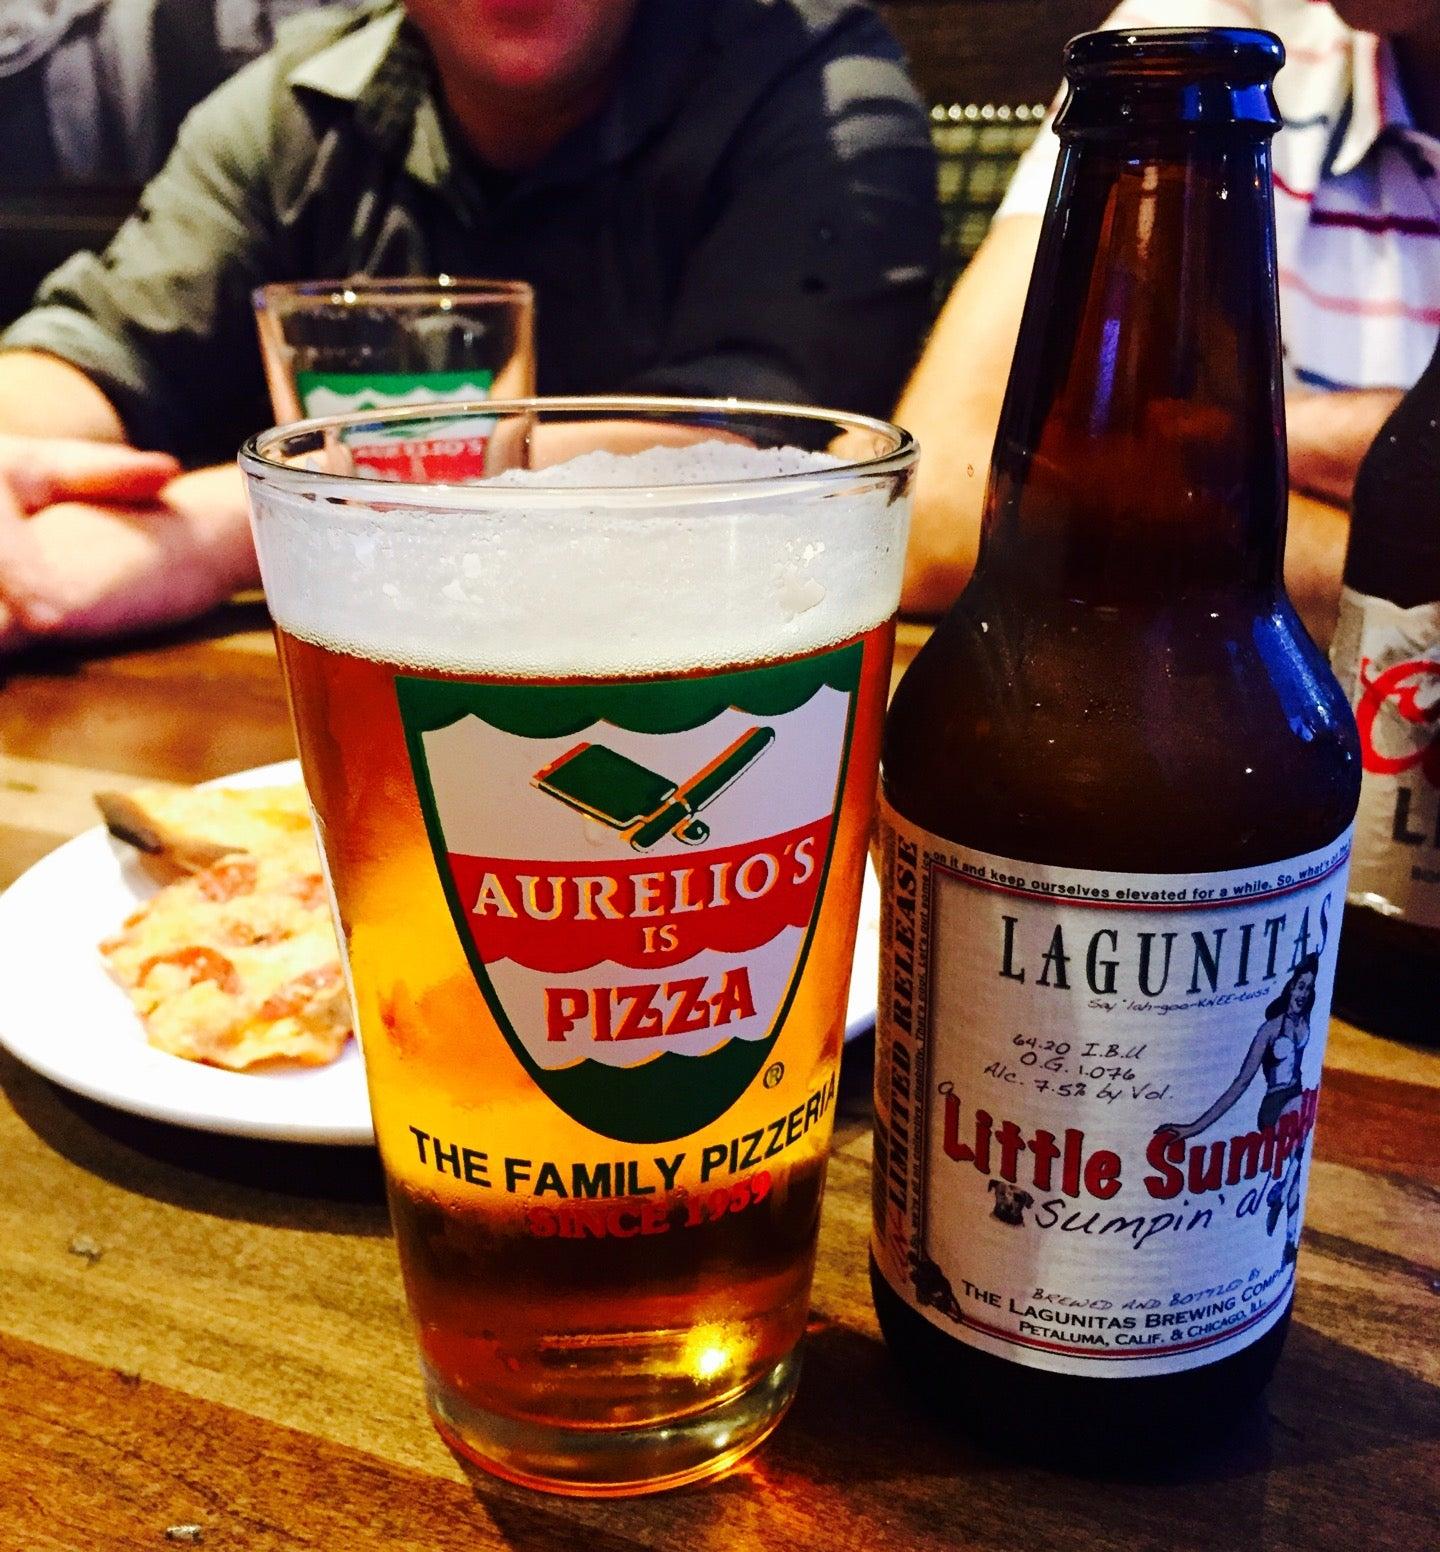 Aurelio's Pizza South loop,